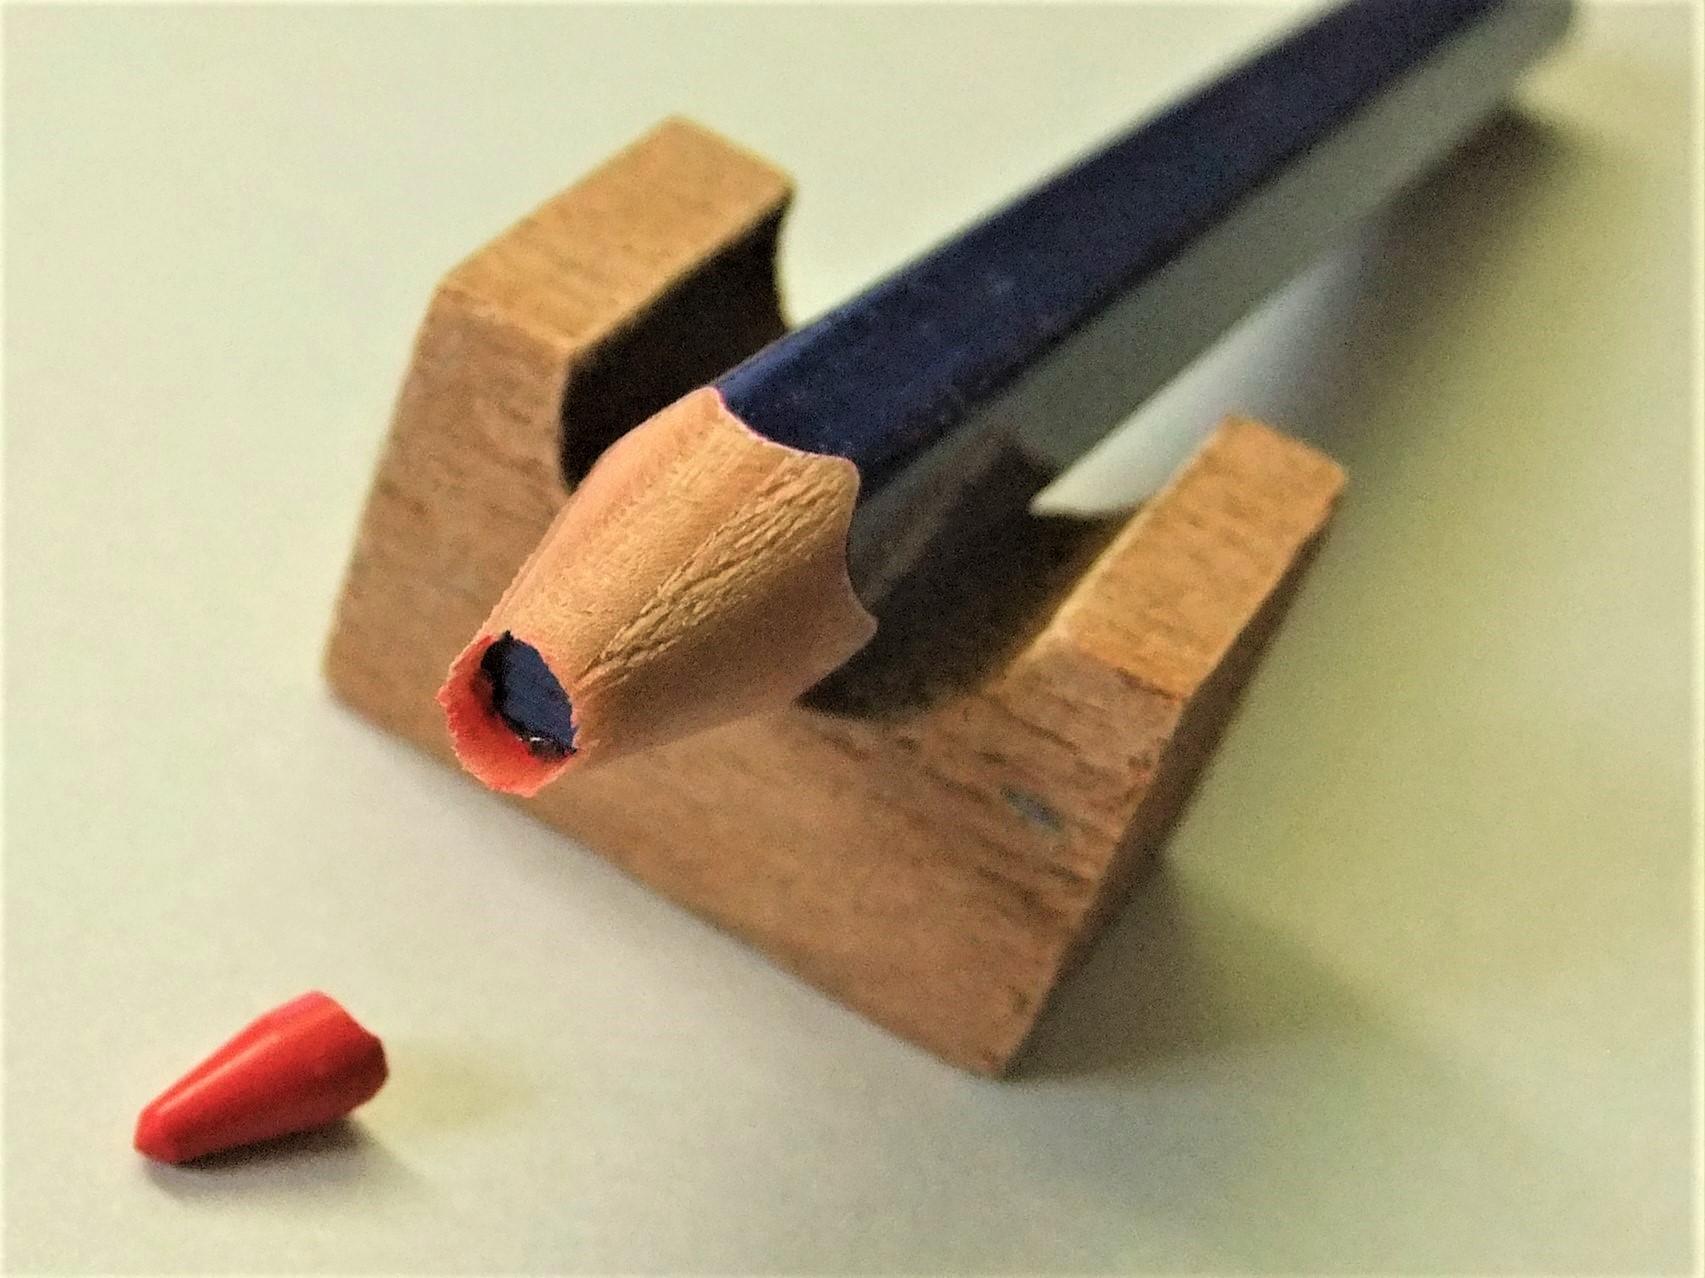 見て見て!その3(続・実験中の赤青鉛筆)。_f0220714_09574321.jpg